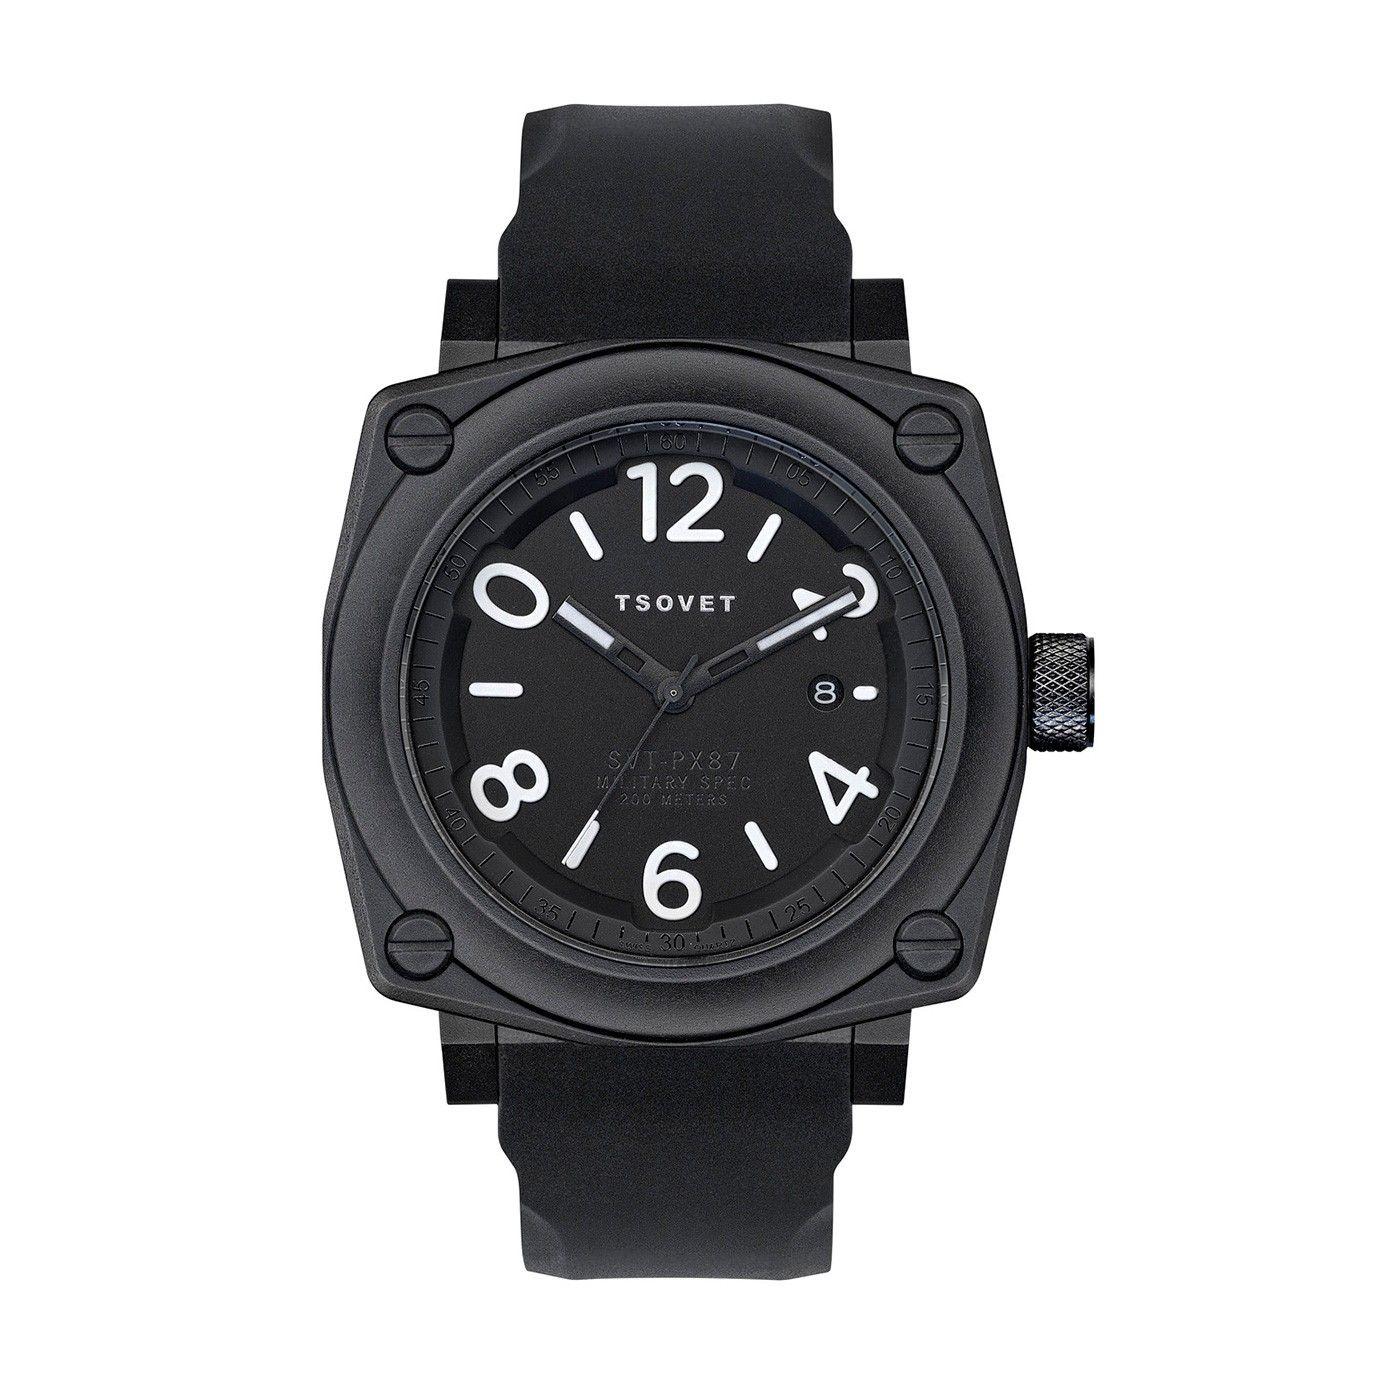 Tsovet SVT-PX87 Watch